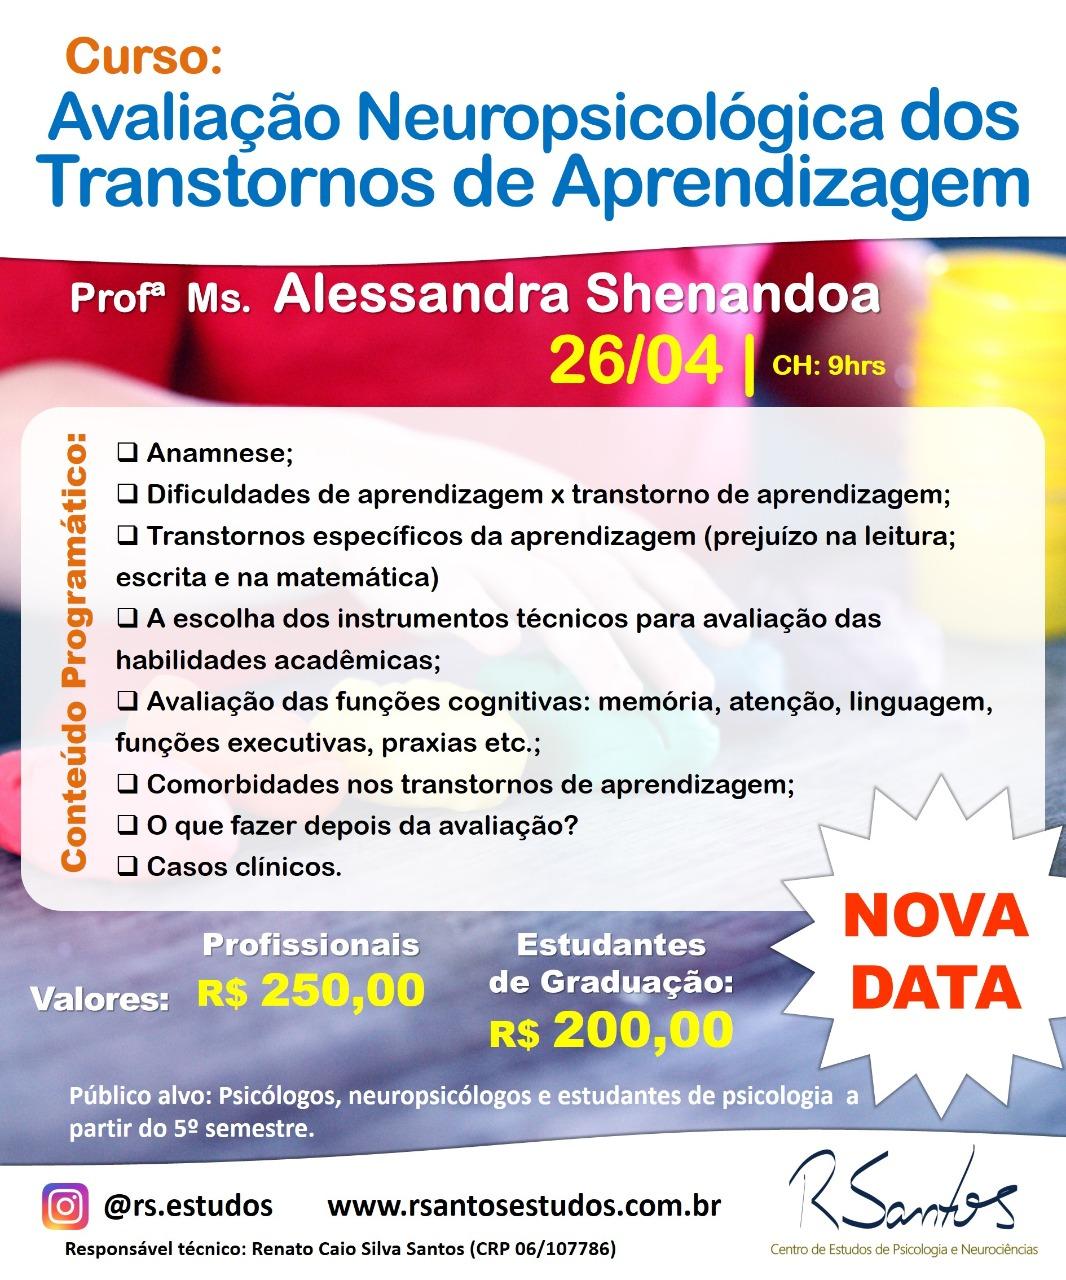 Curso: Avaliação Neuropsicológica dos Transtornos de Aprendizagem